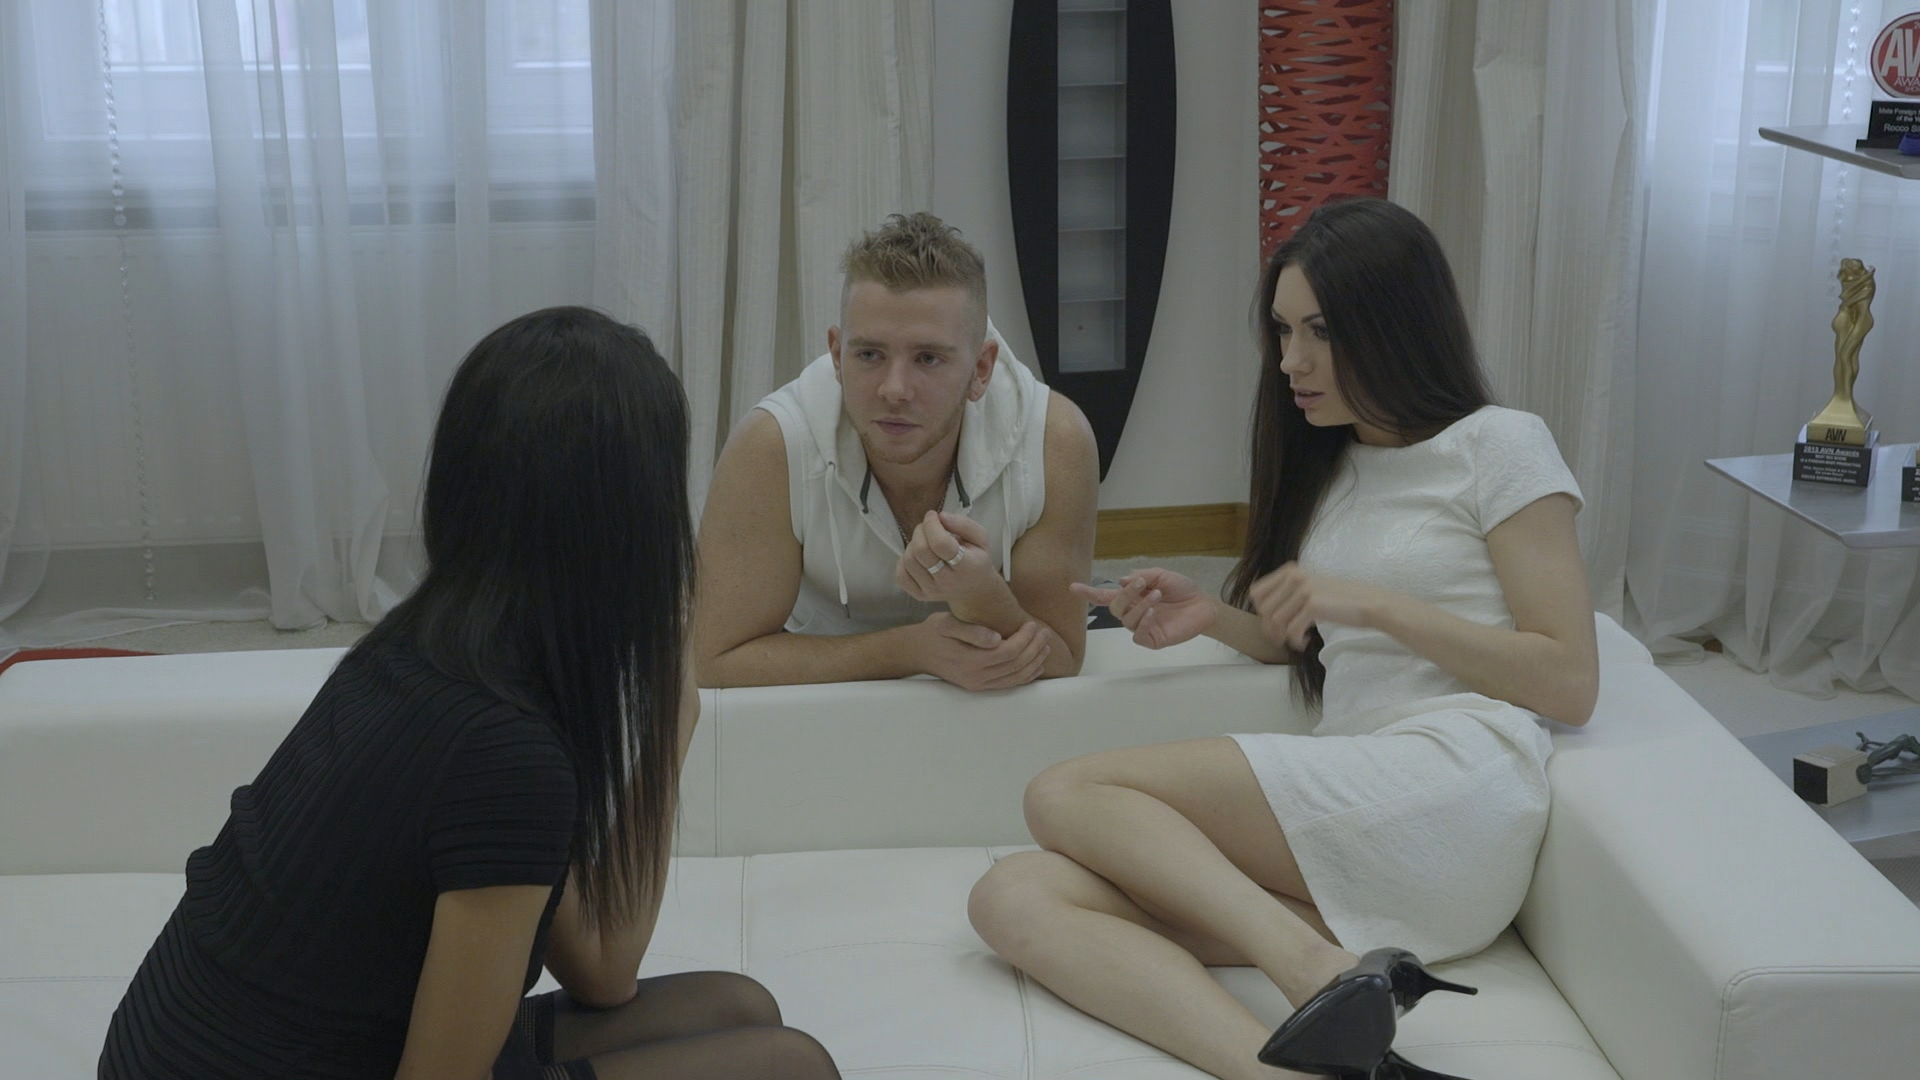 sex Frederiksværk hvad siger